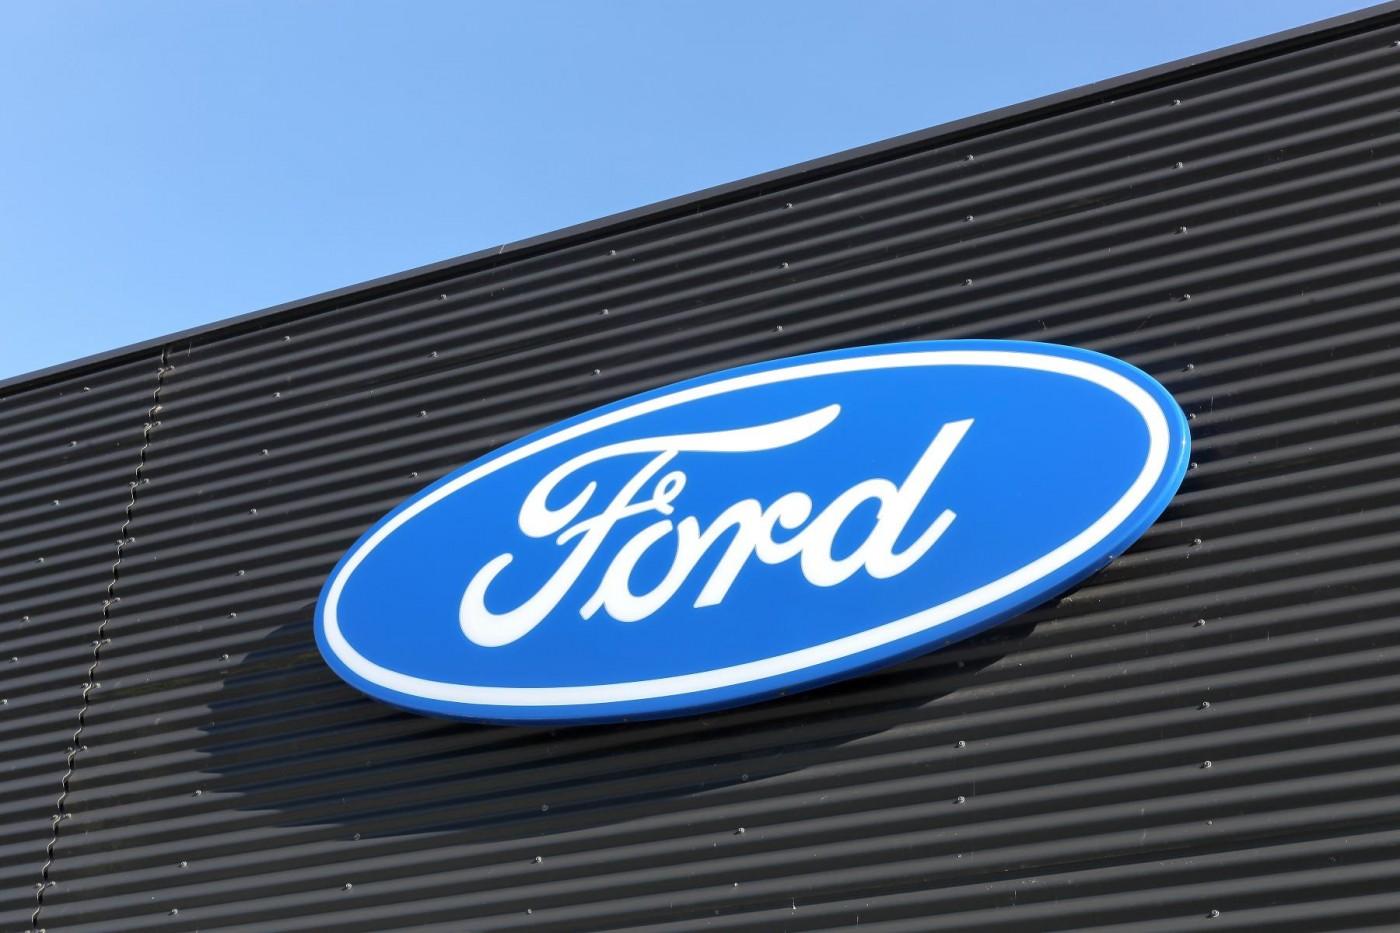 加碼投資逾3千億、開發40款,福特進軍電動車玩真的?